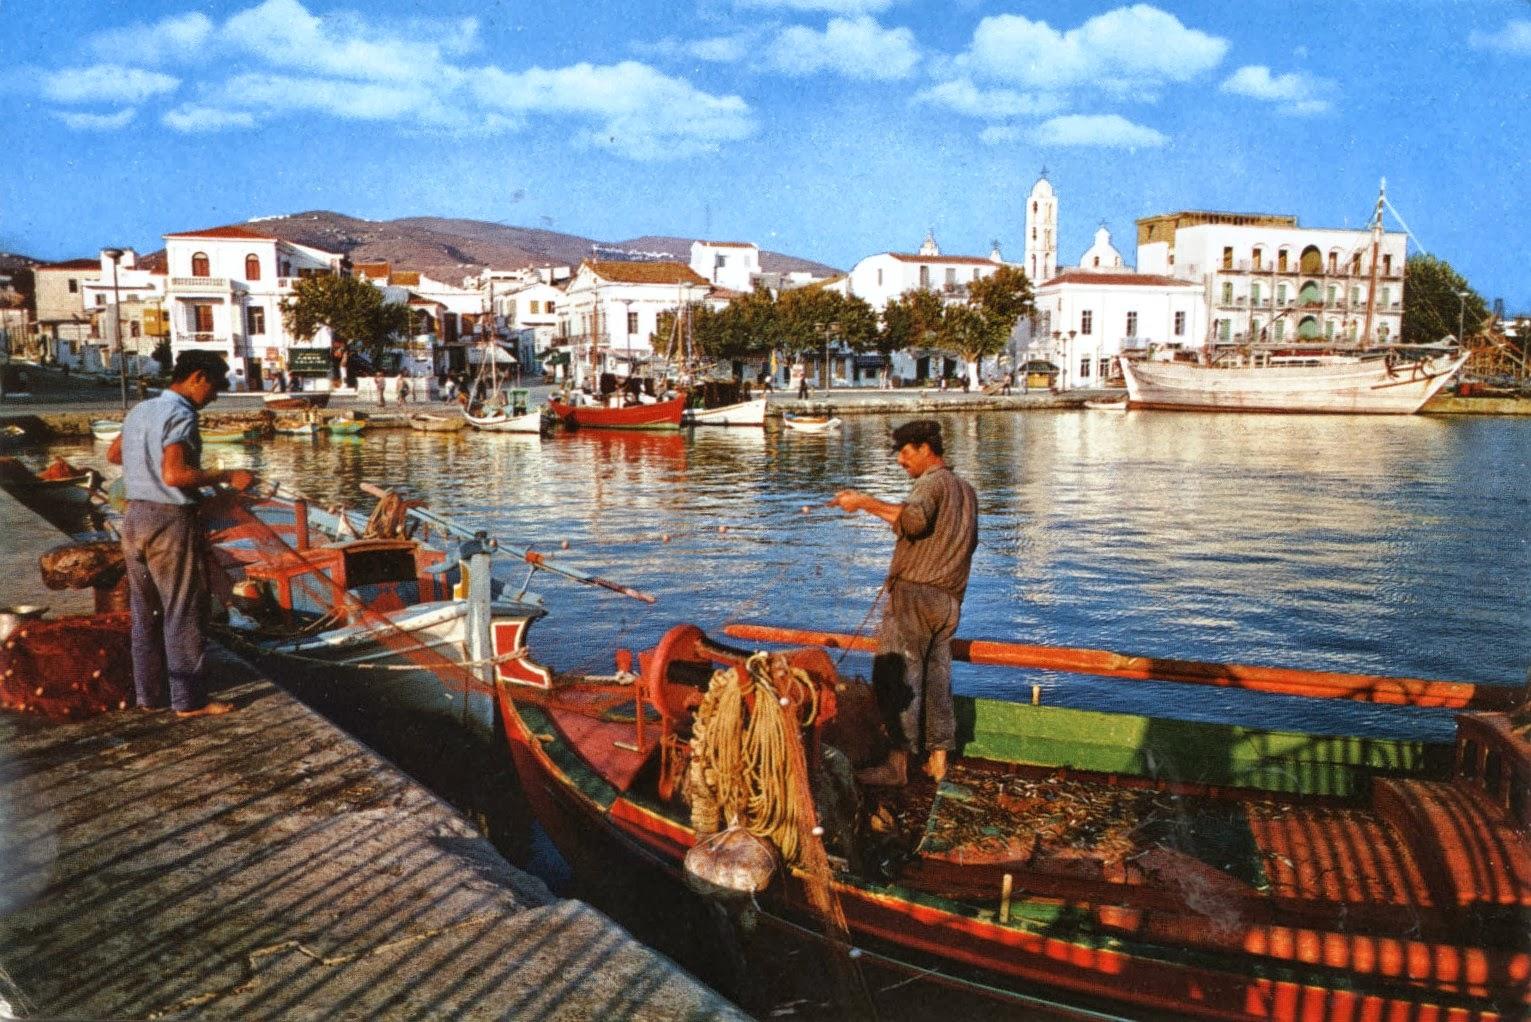 Οι ομορφότερες φωτογραφίες ελληνικών νησιών του περασμένου αιώνα